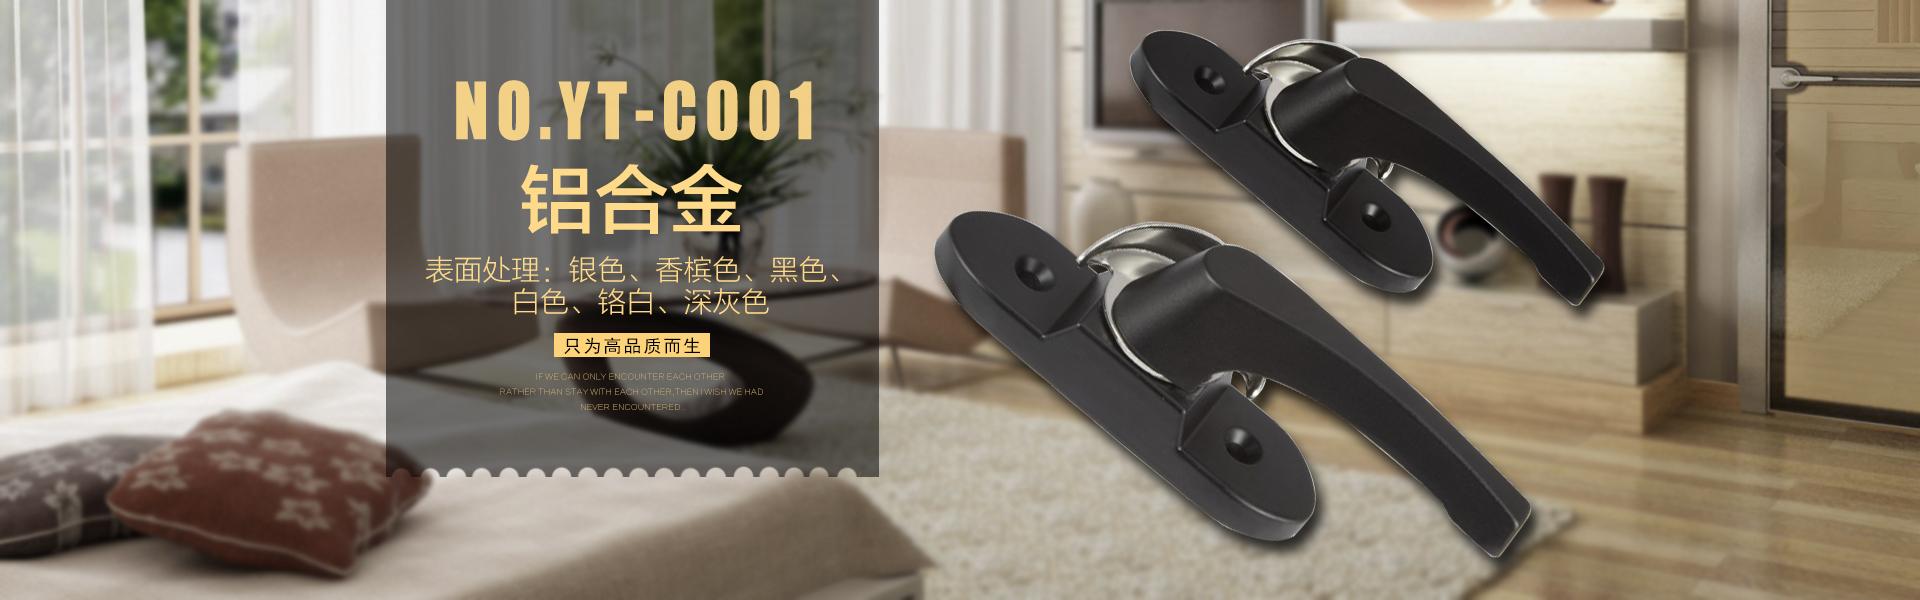 亿泰金属制品厂致力于打造广东省优质合页品牌。